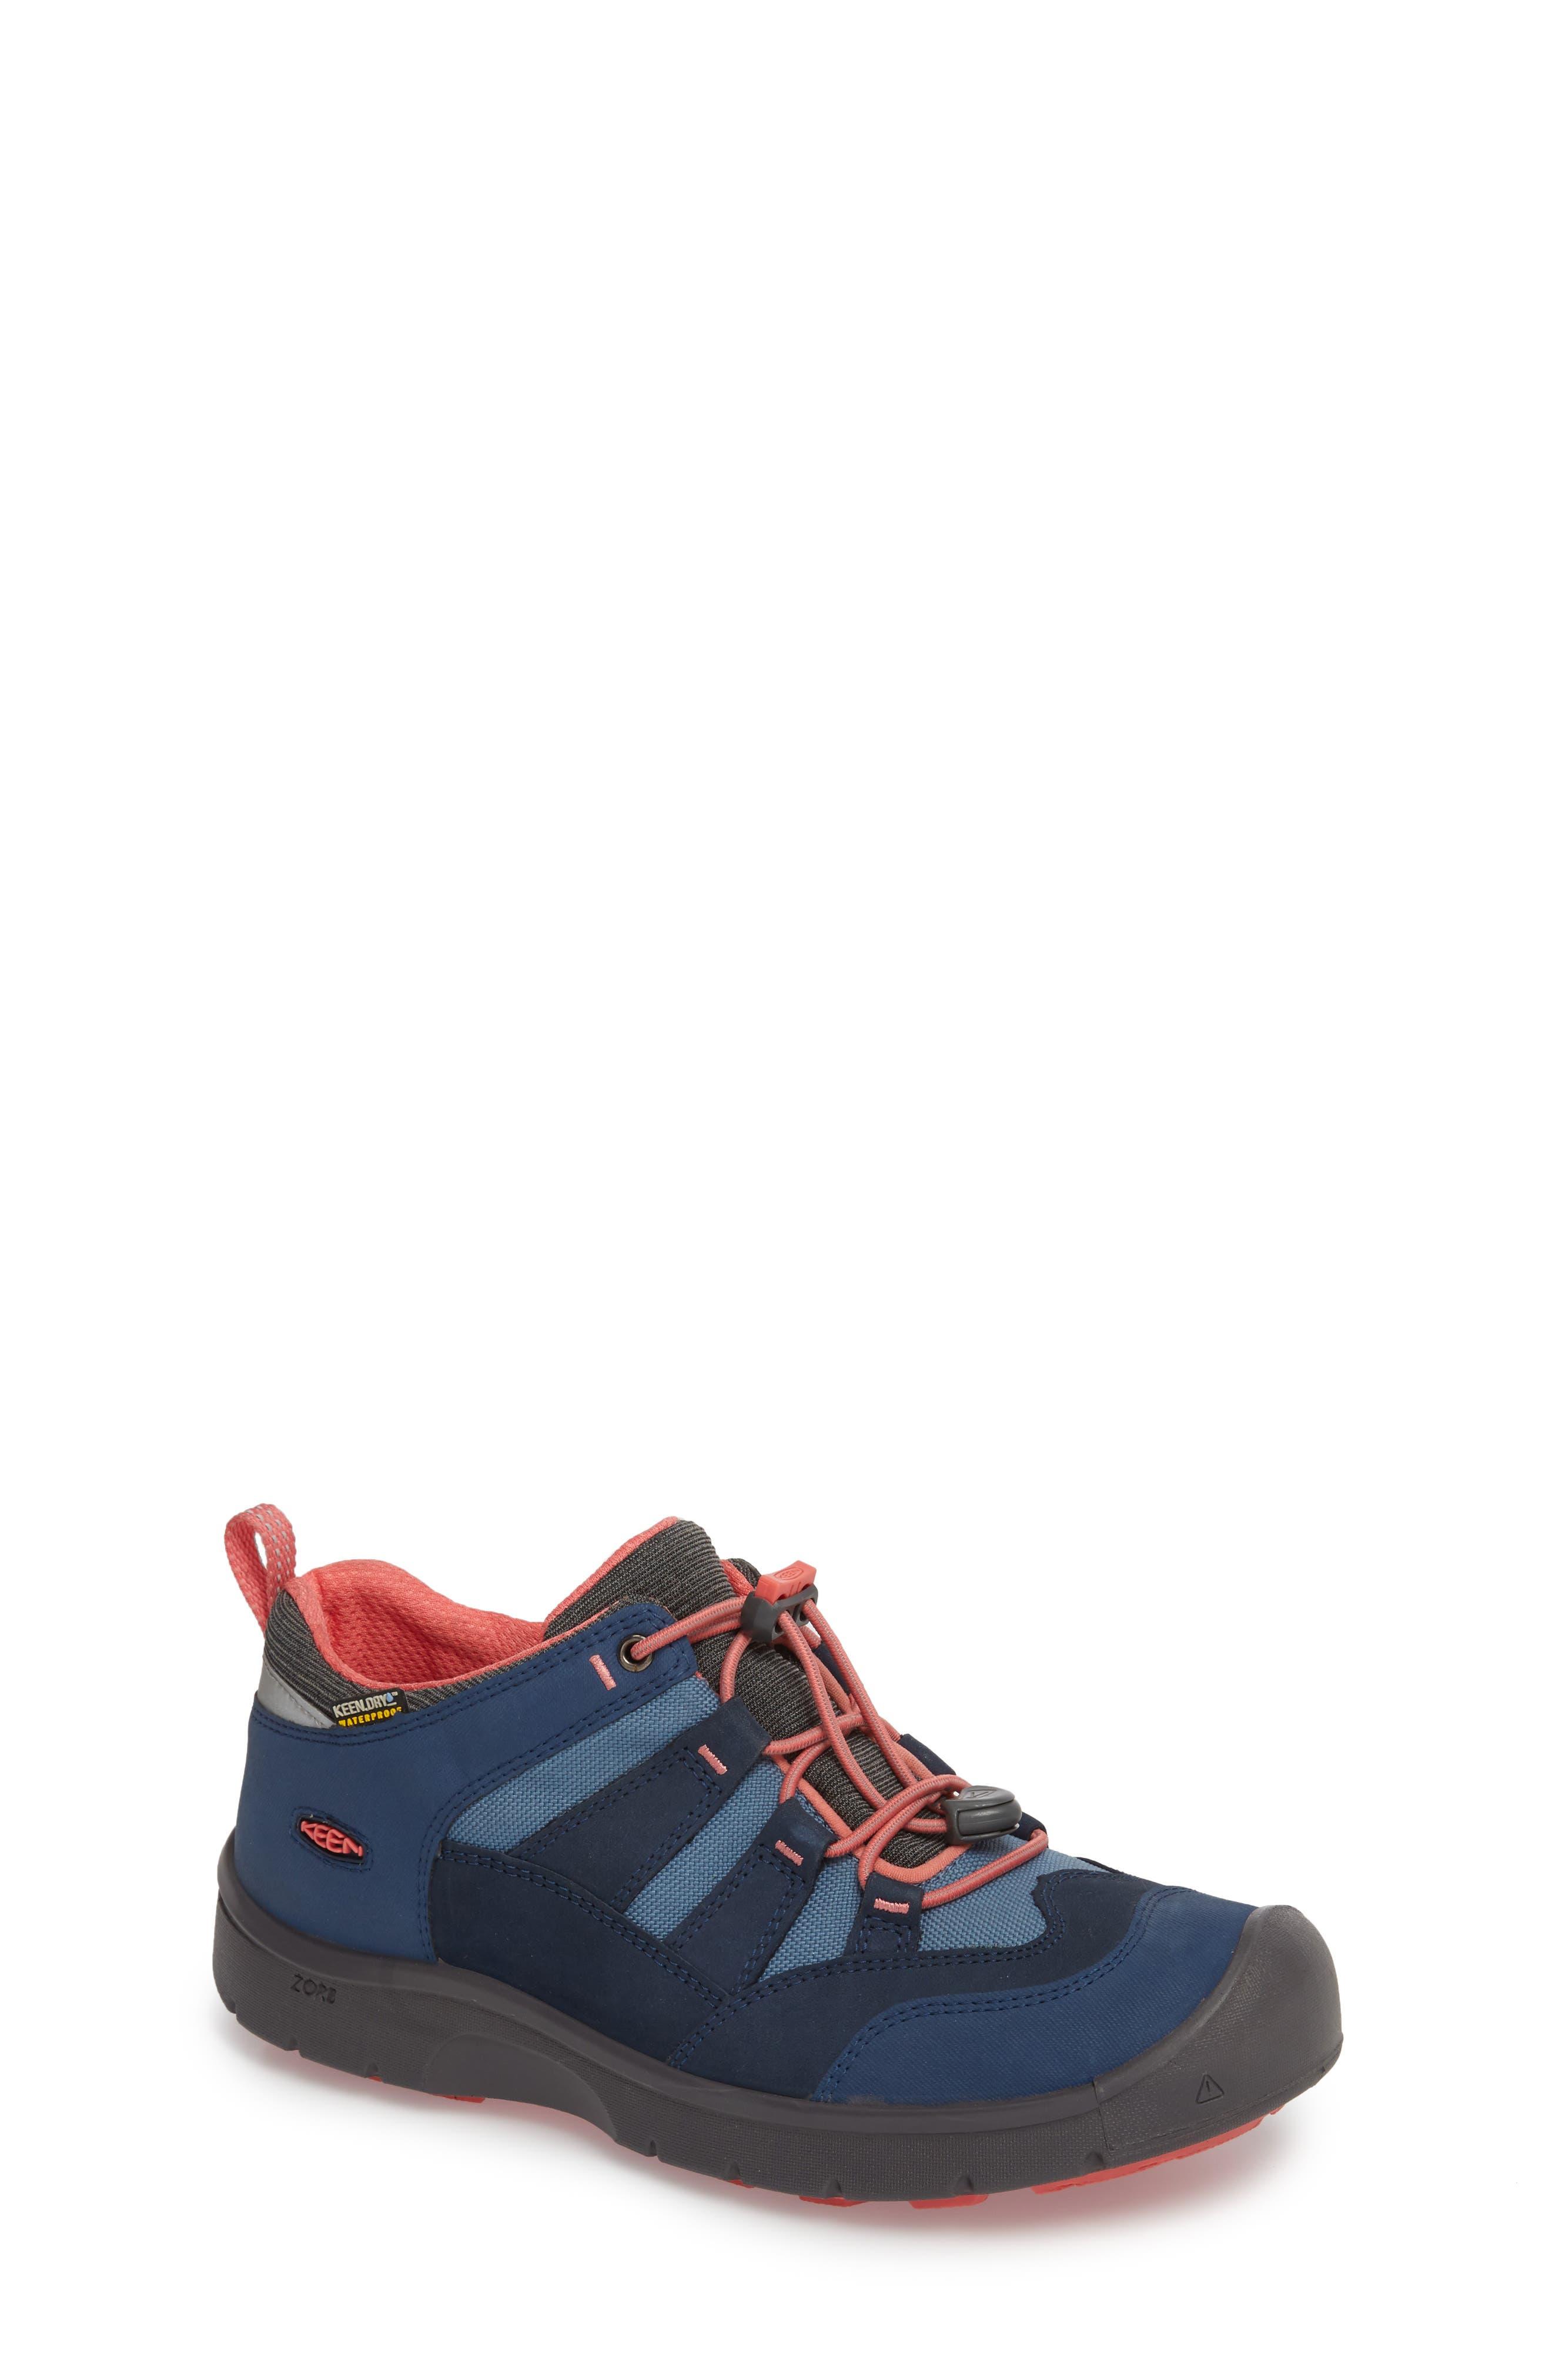 Alternate Image 1 Selected - Keen Hikeport Waterproof Sneaker (Toddler, Little Kid & Big Kid)